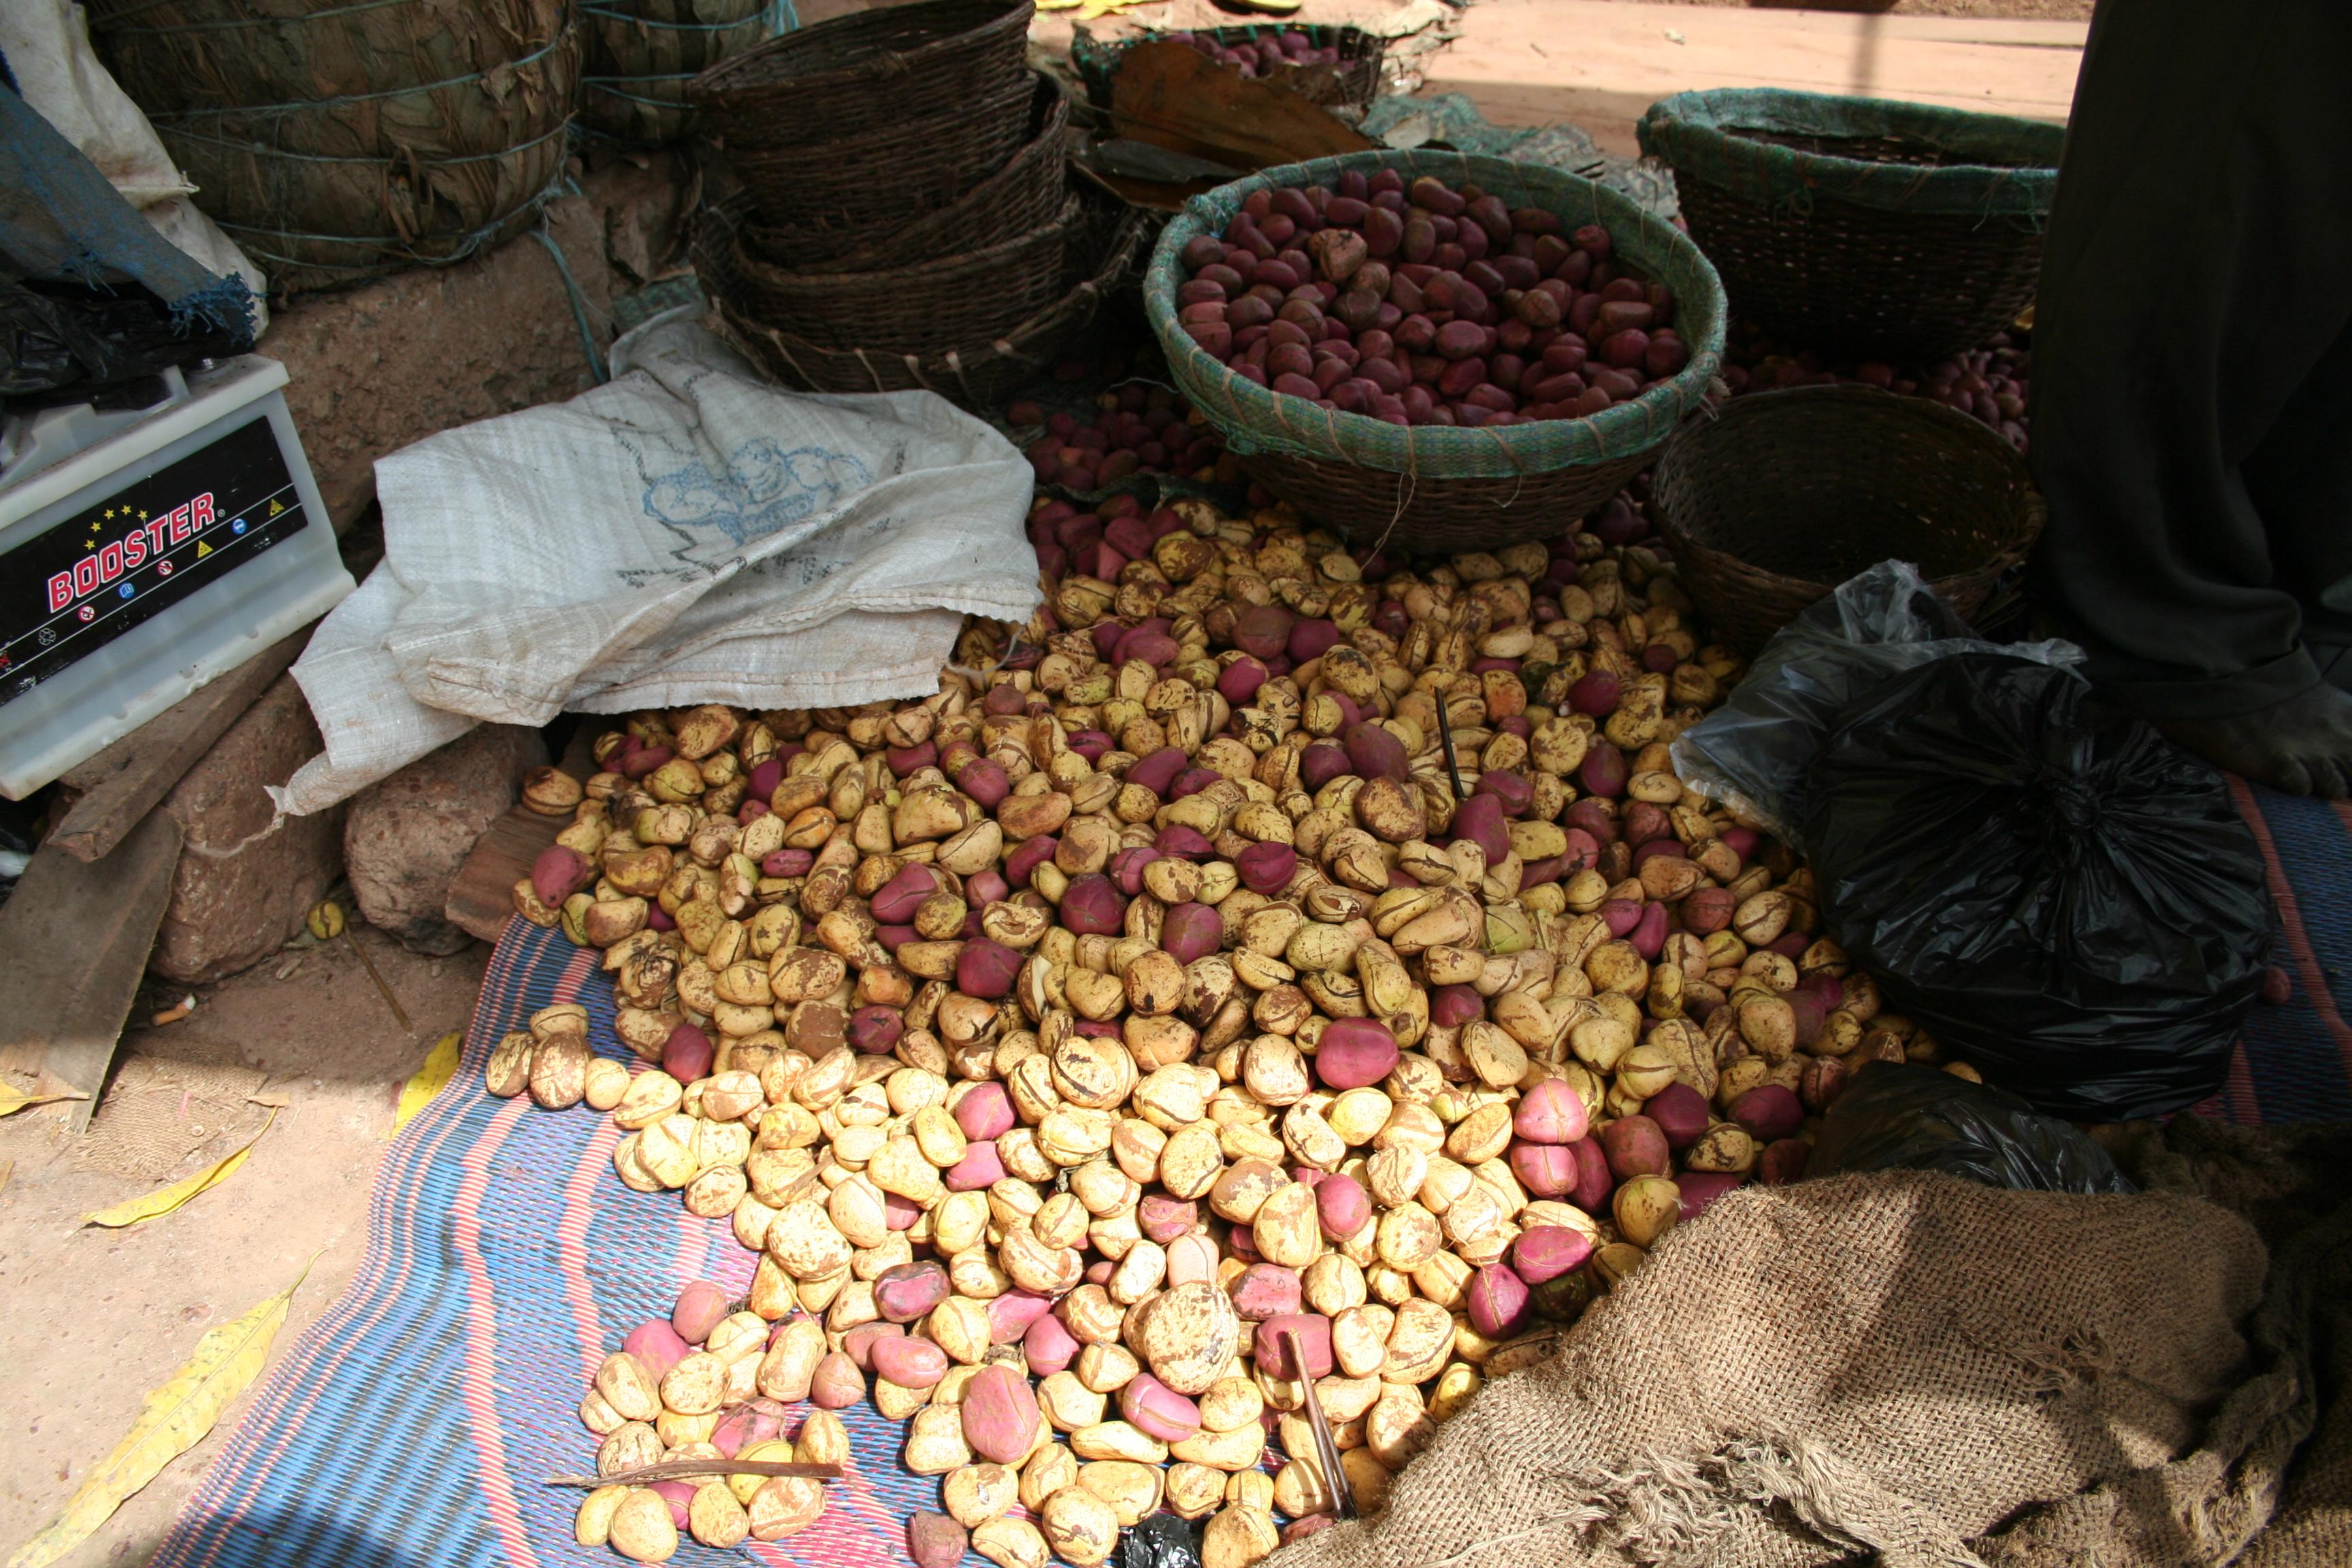 Kolanüsse auf dem Markt von Ouagadougou